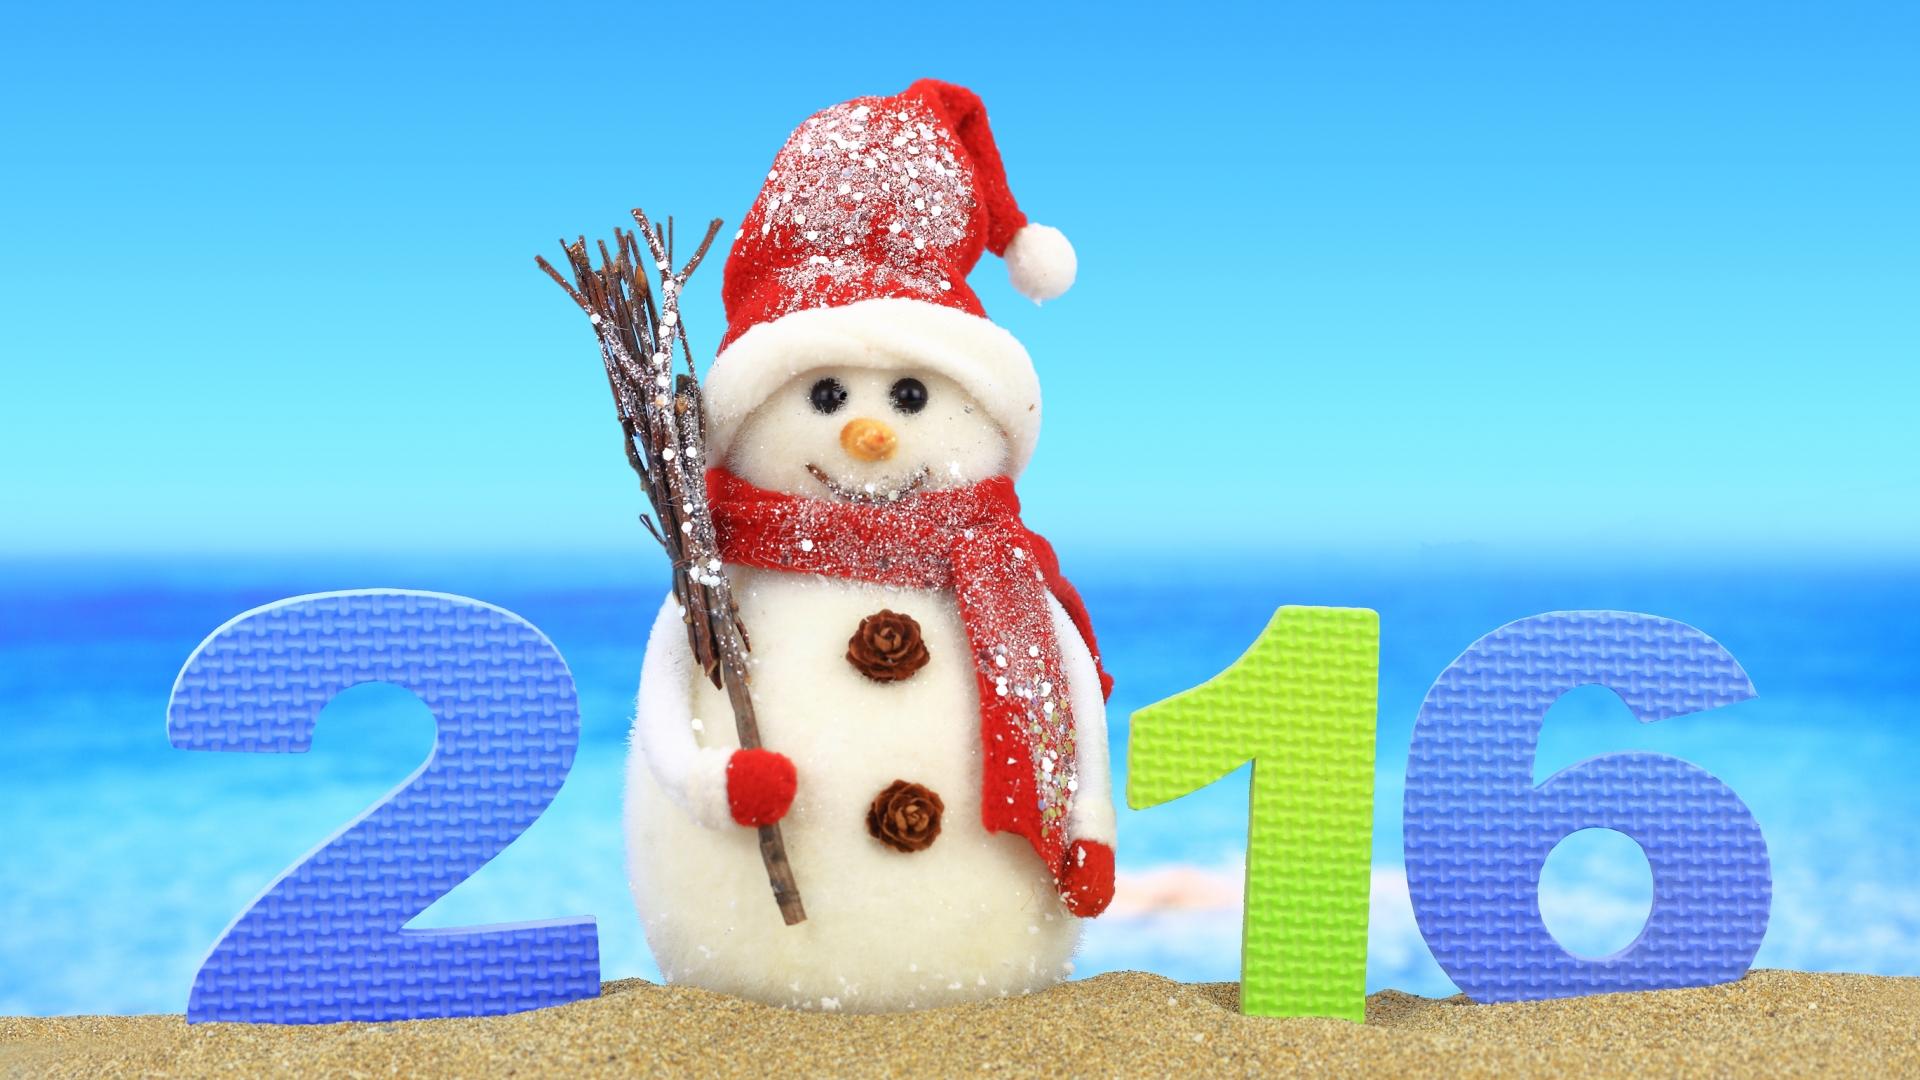 Fondos De Pantalla Hd Navidad 2016: Feliz Navidad 2016 1920x1080